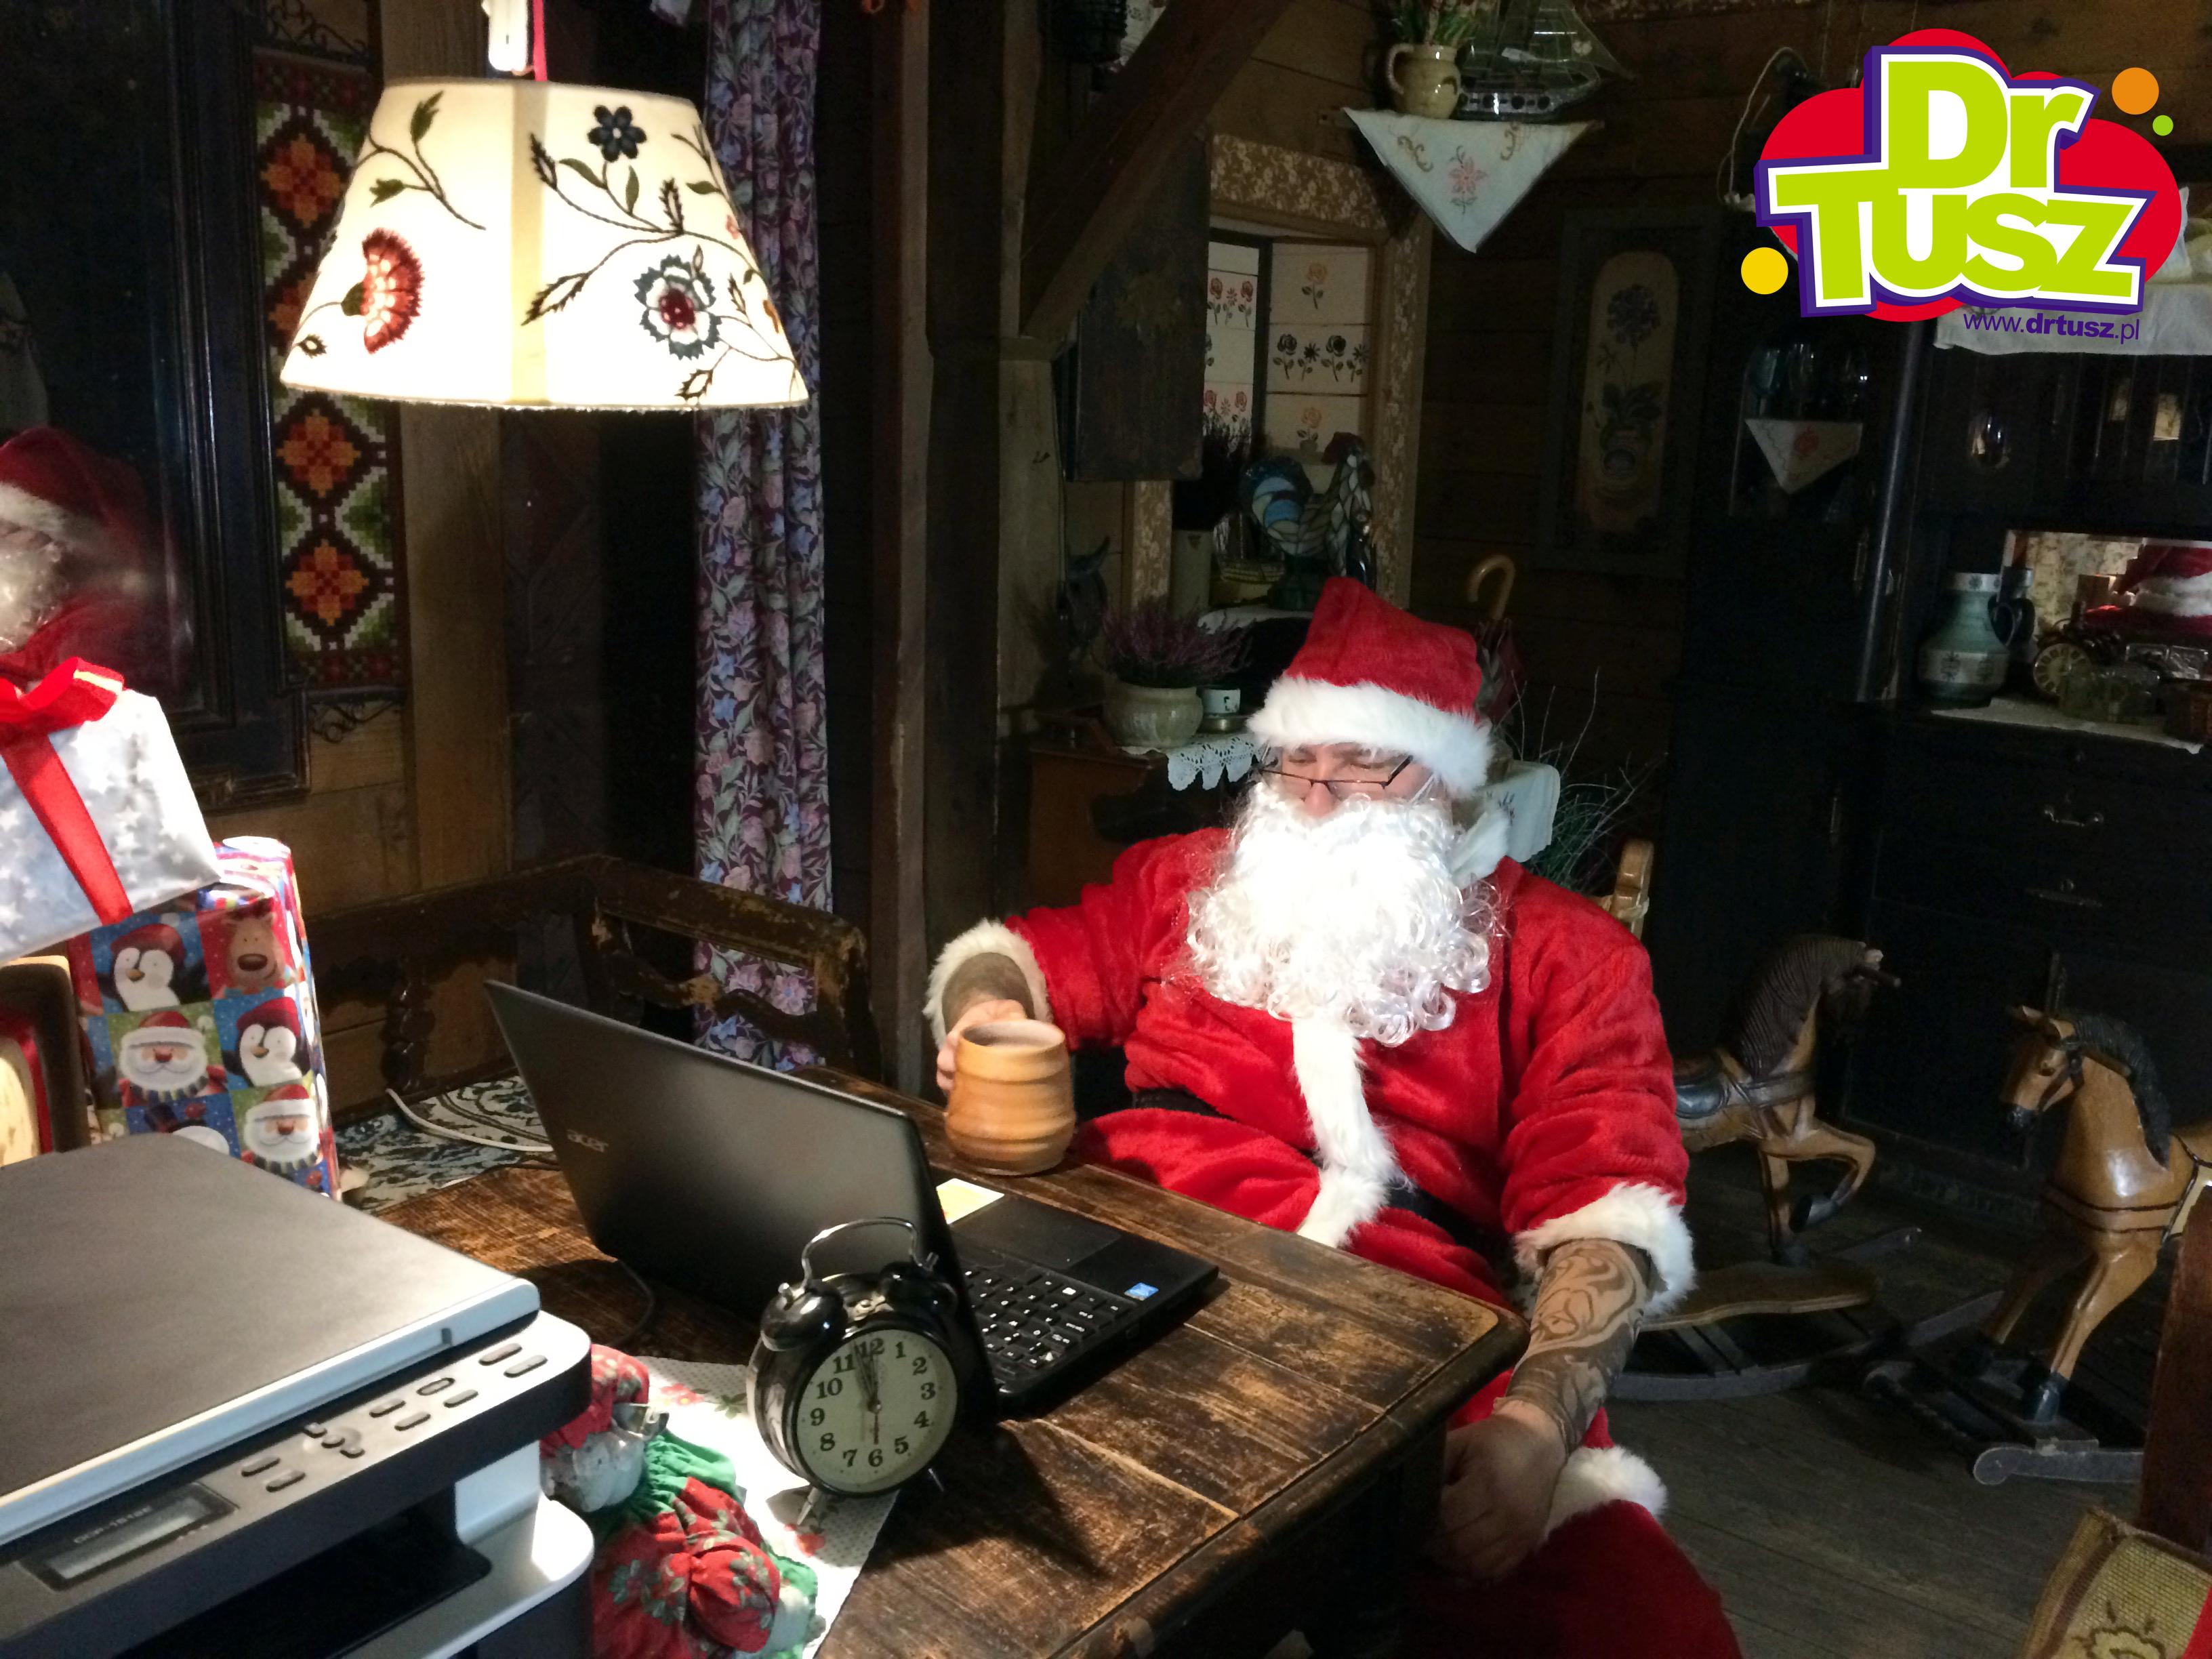 Zobacz, jak DrTusz ratuje Święta